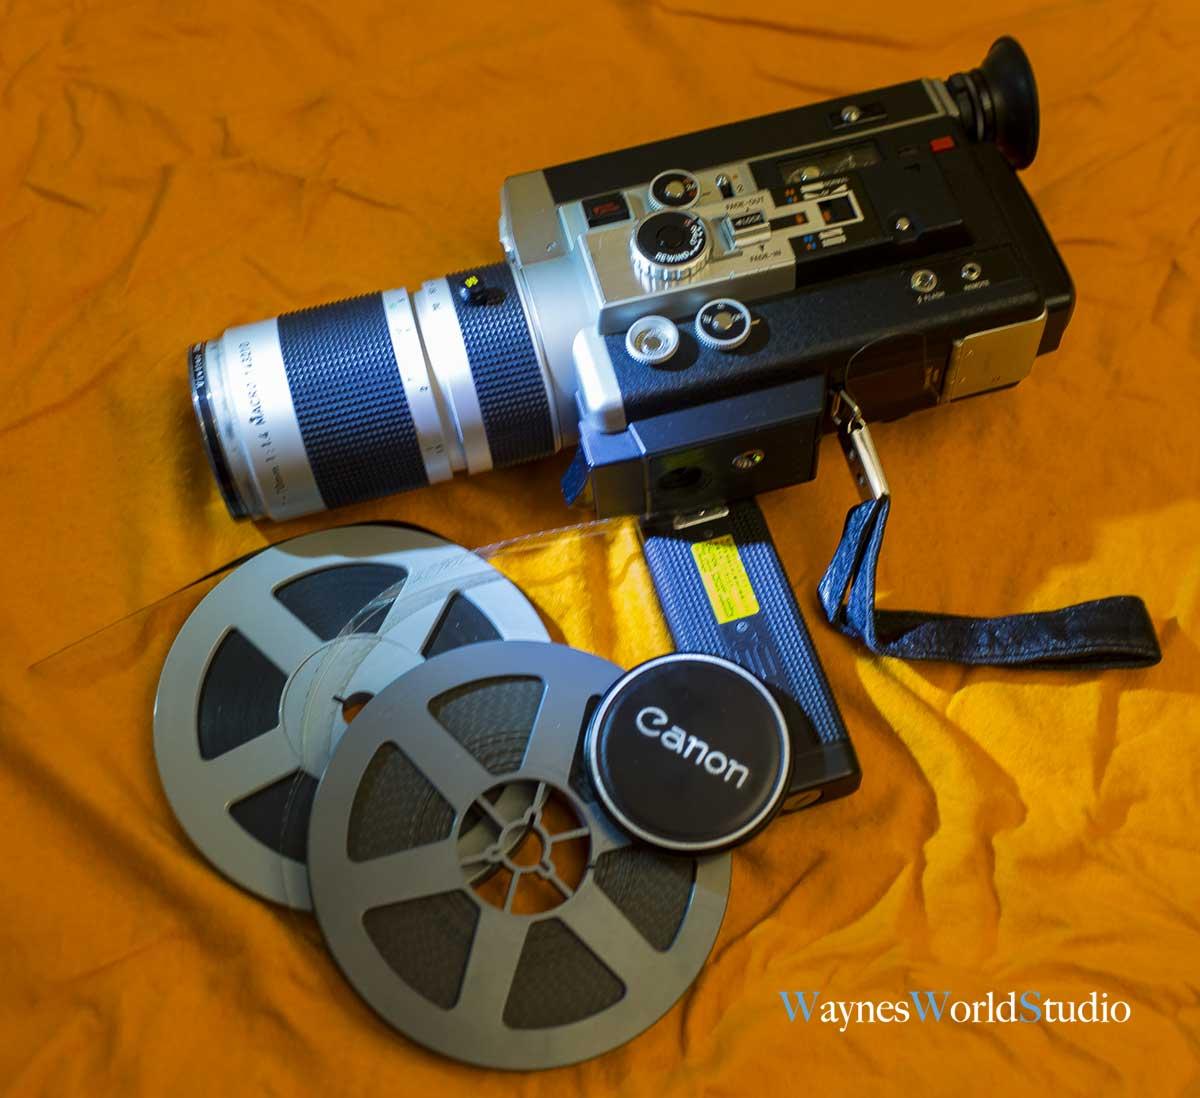 Canon-super8mm-film-camera